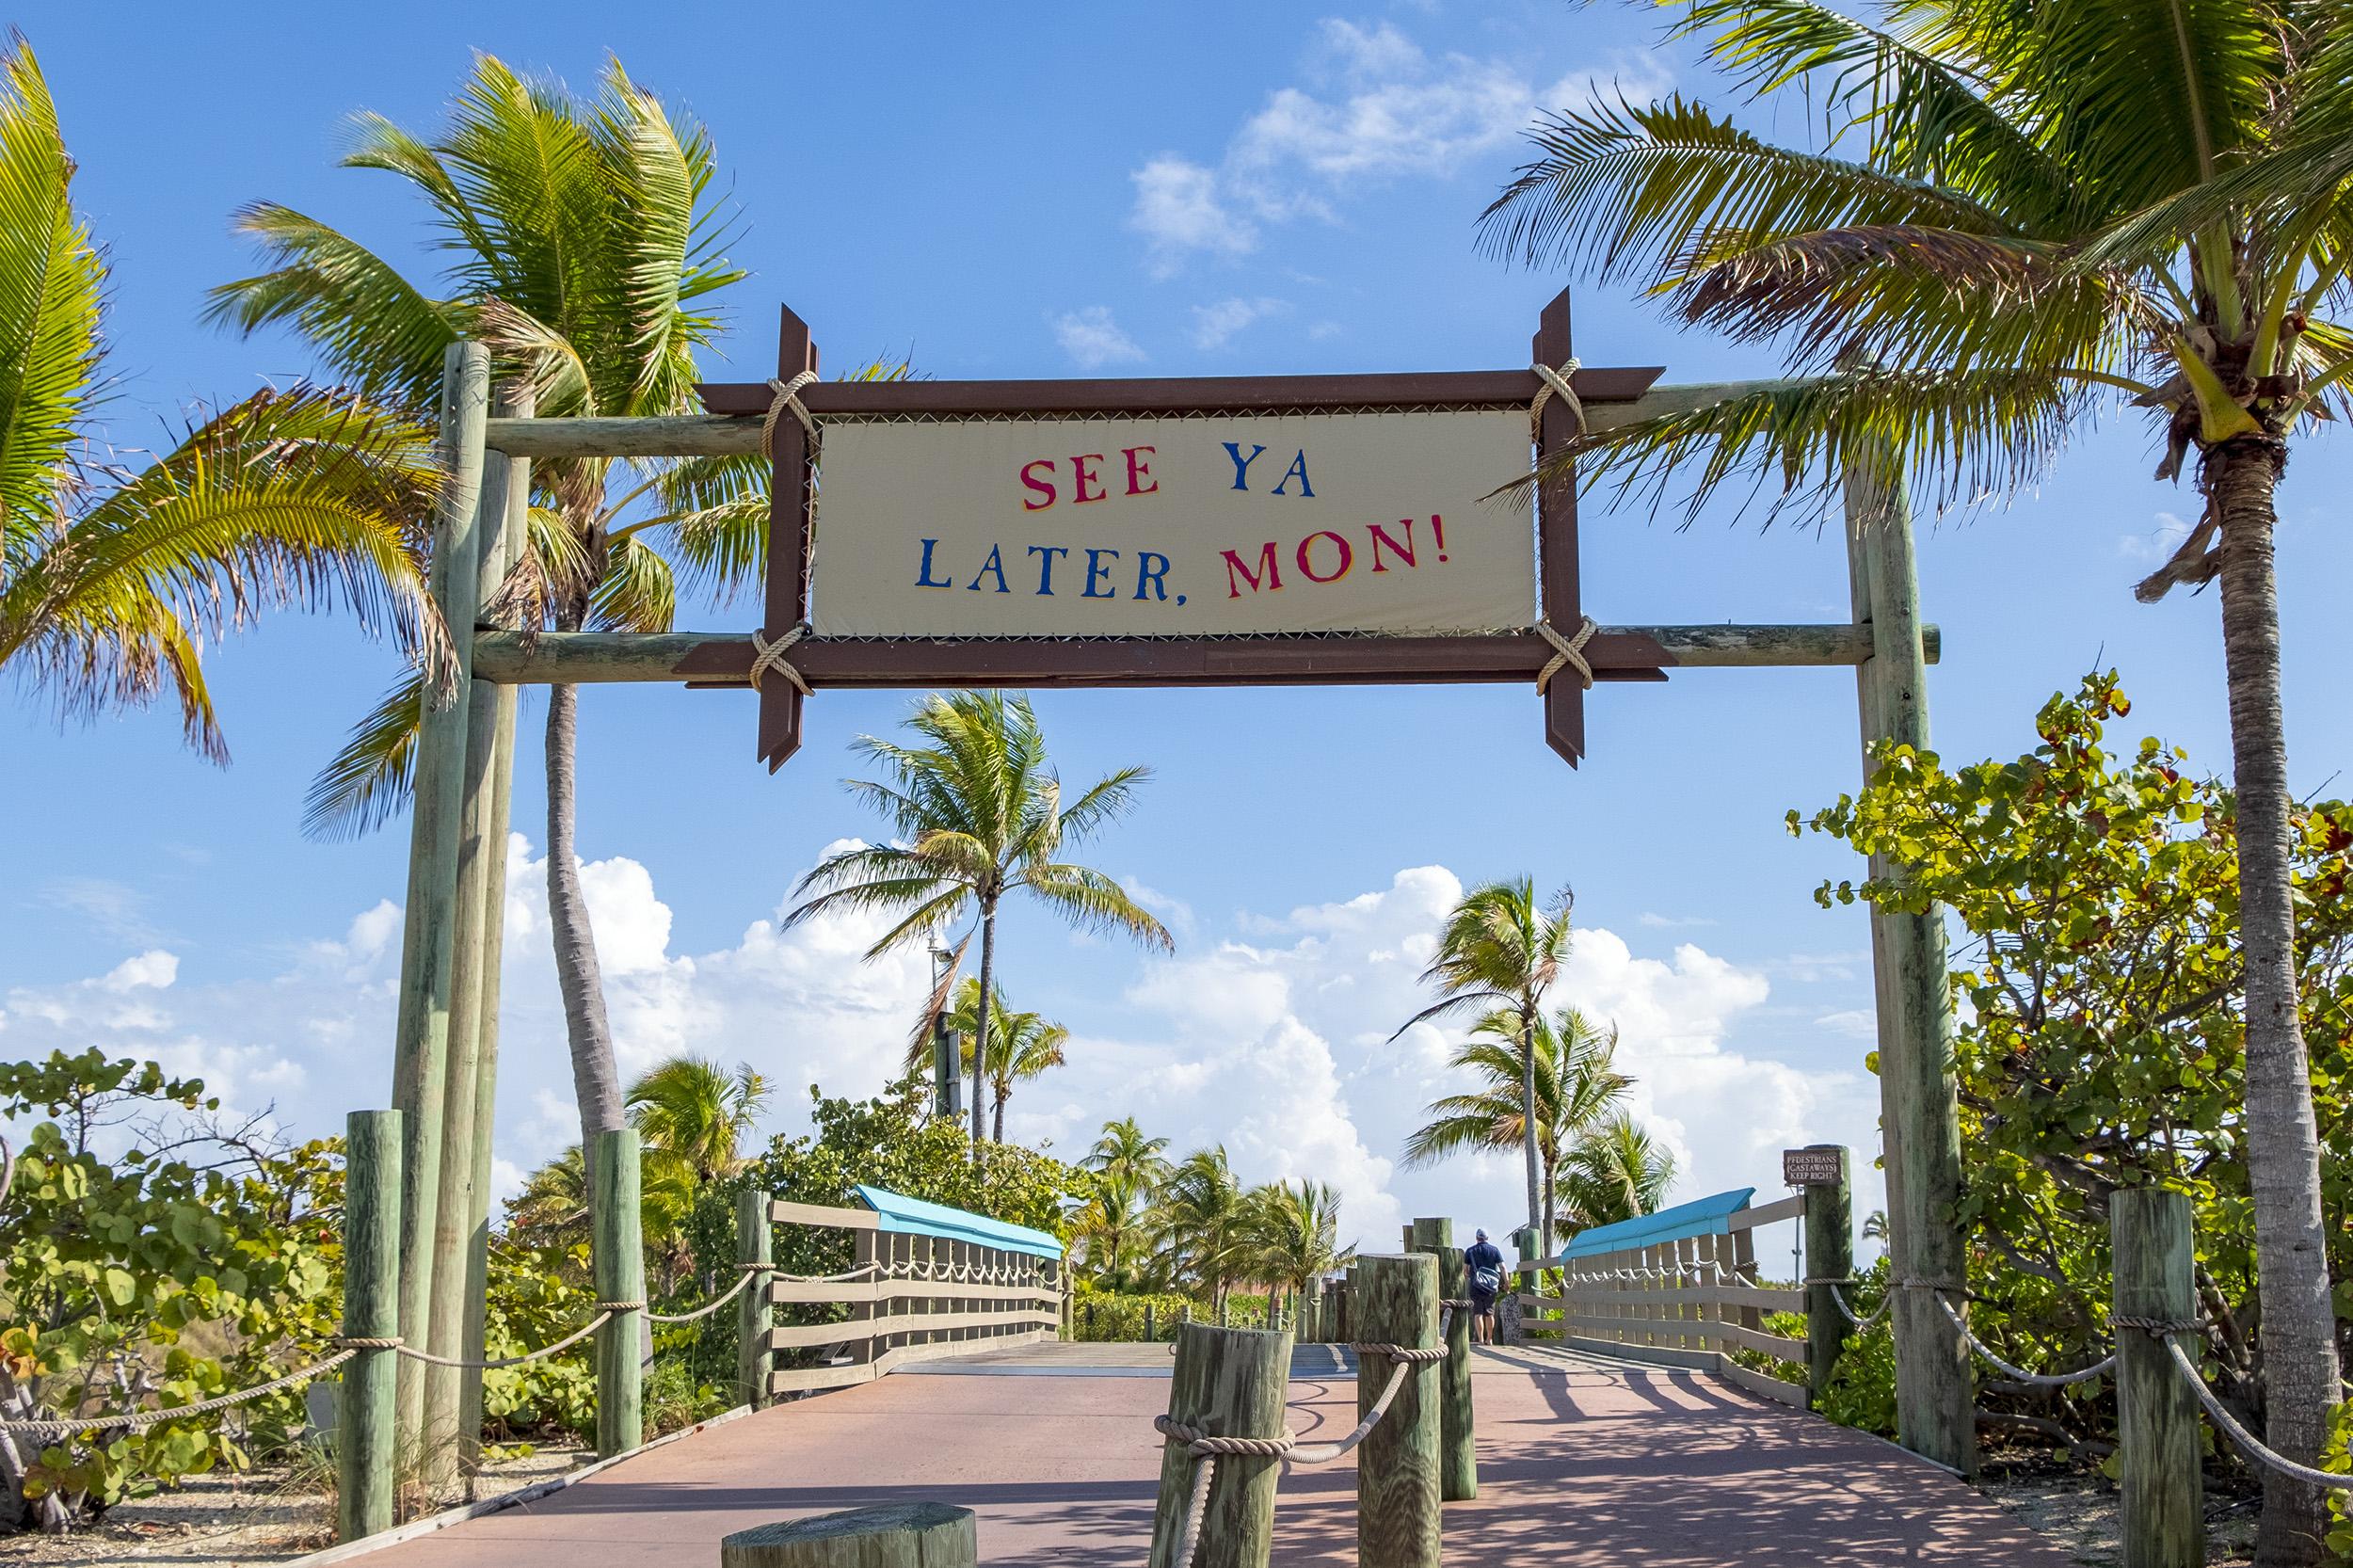 See Ya Later Castaway Cay Bahamas